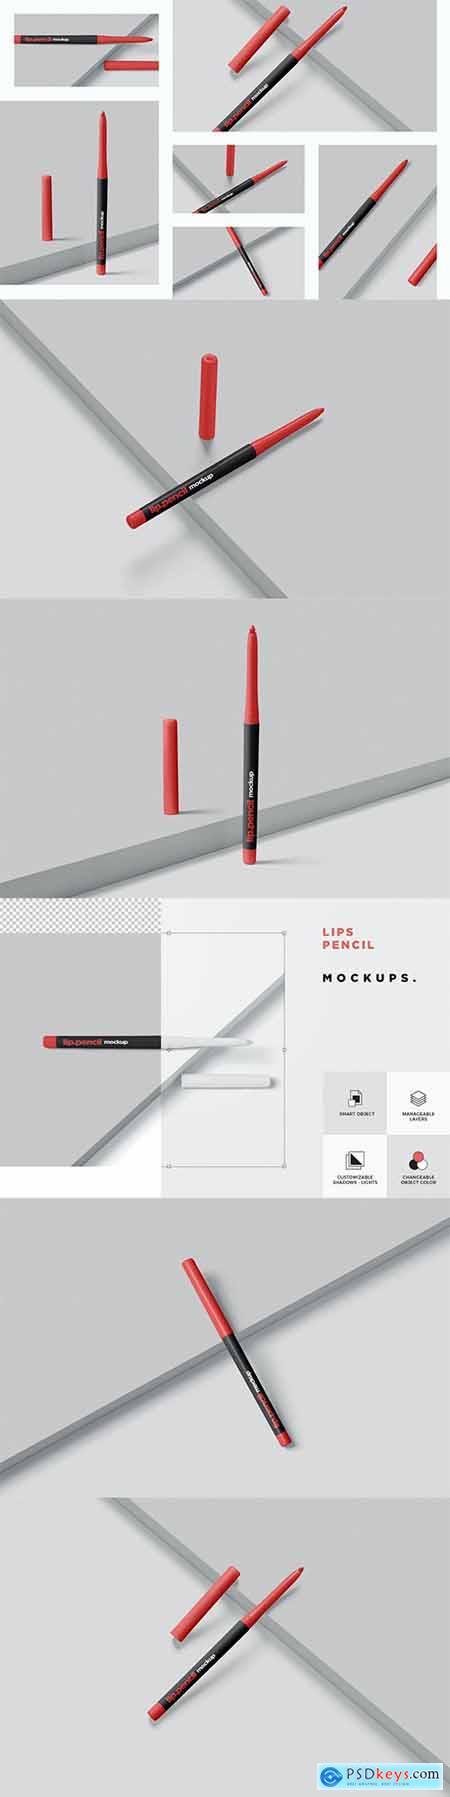 Lip Liner Mockups